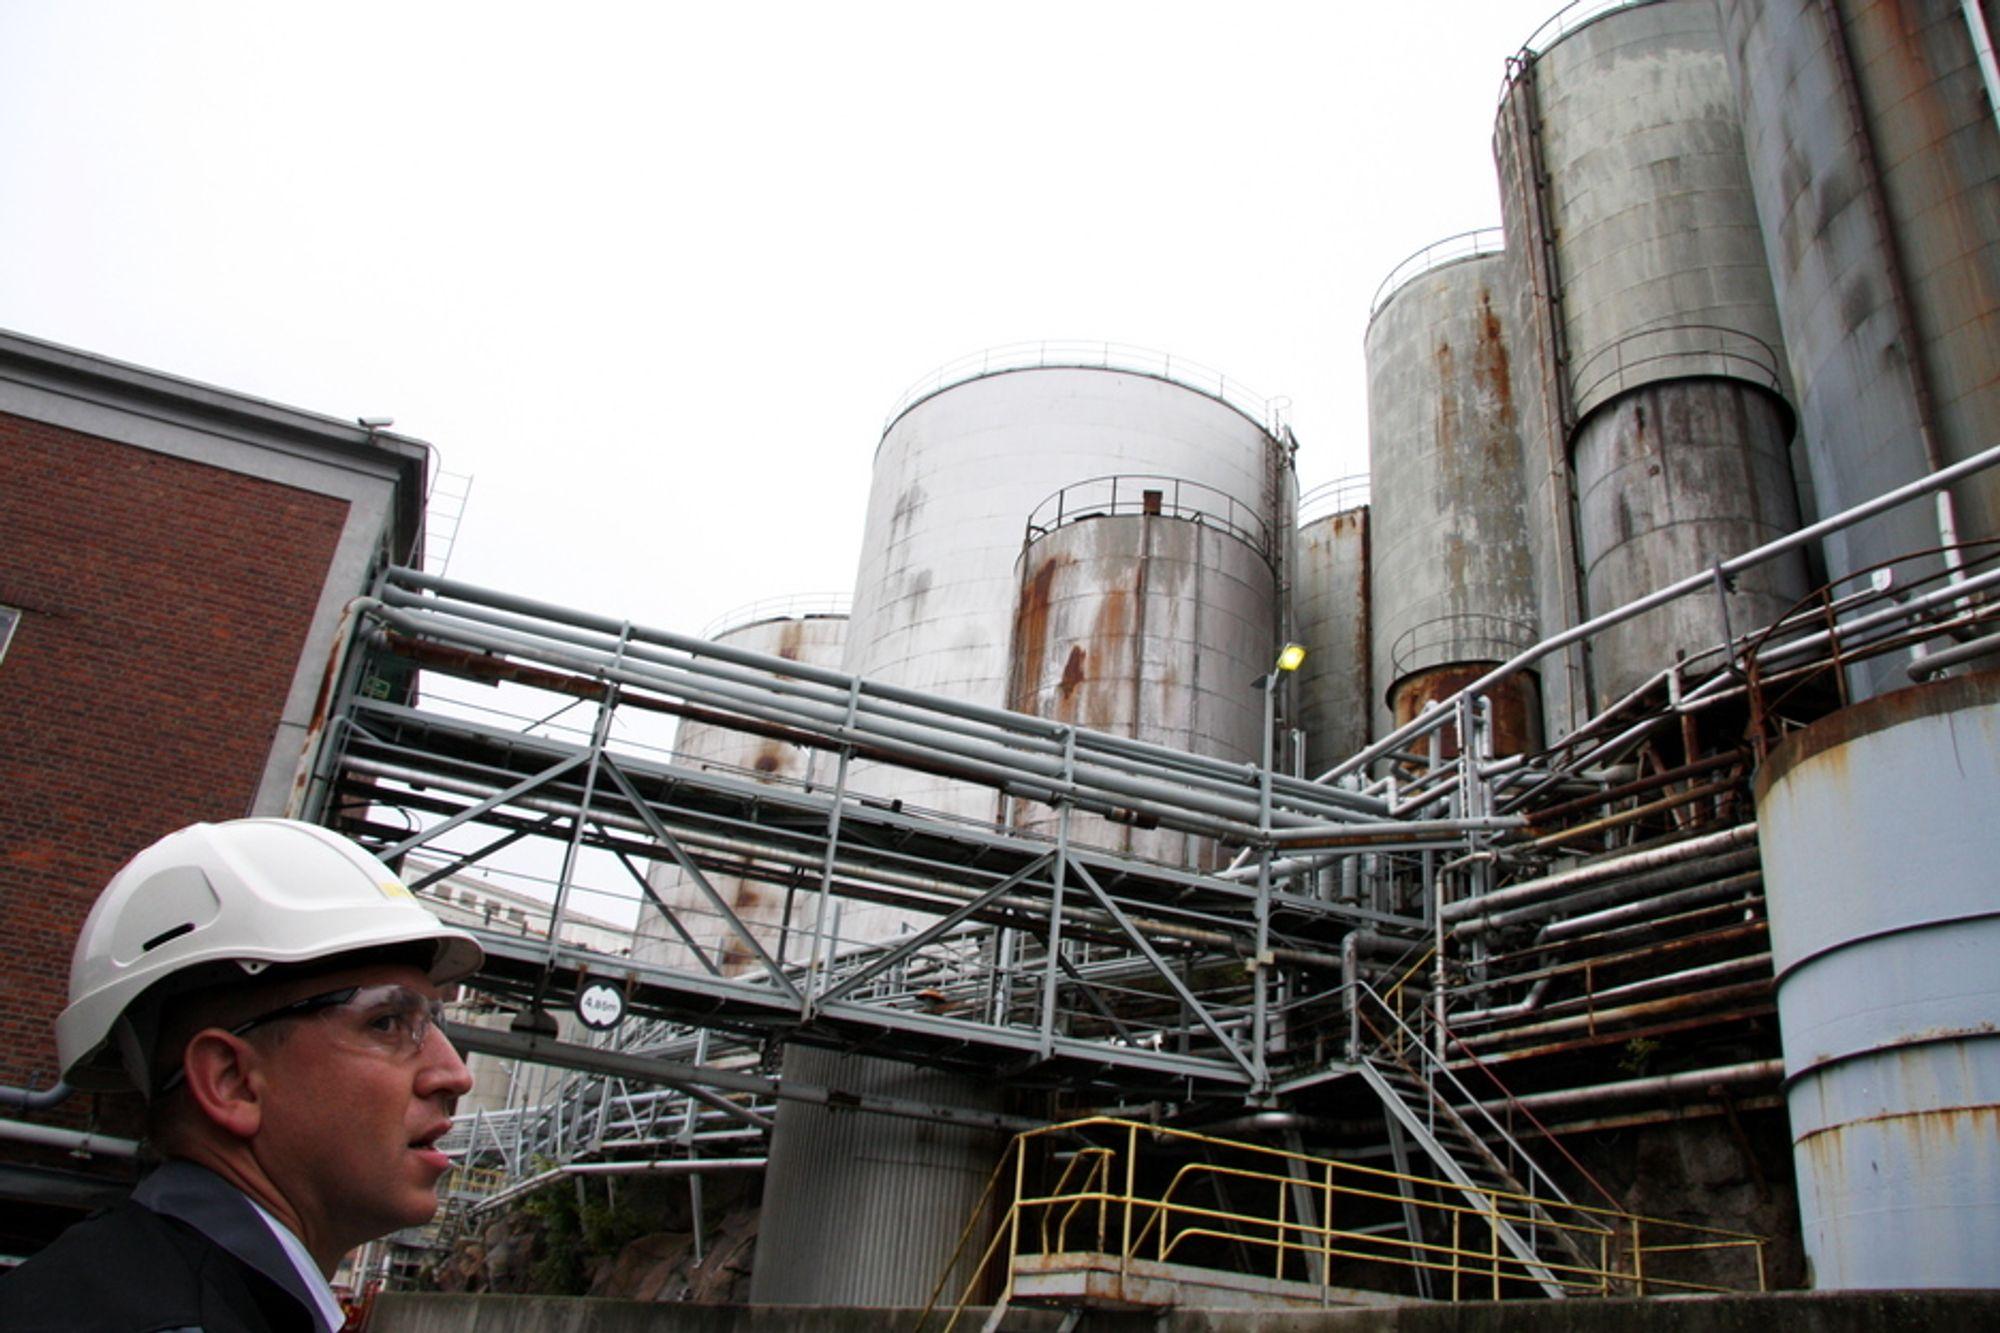 Oleon i Sandefjord er blant selskapene som er blitt anmeldt av Klif for ulovlig lagring av farlig avfall. Til venstre kvalitets- og sikkerhetsansvarlig hos Oleon, Erik Røyeng.